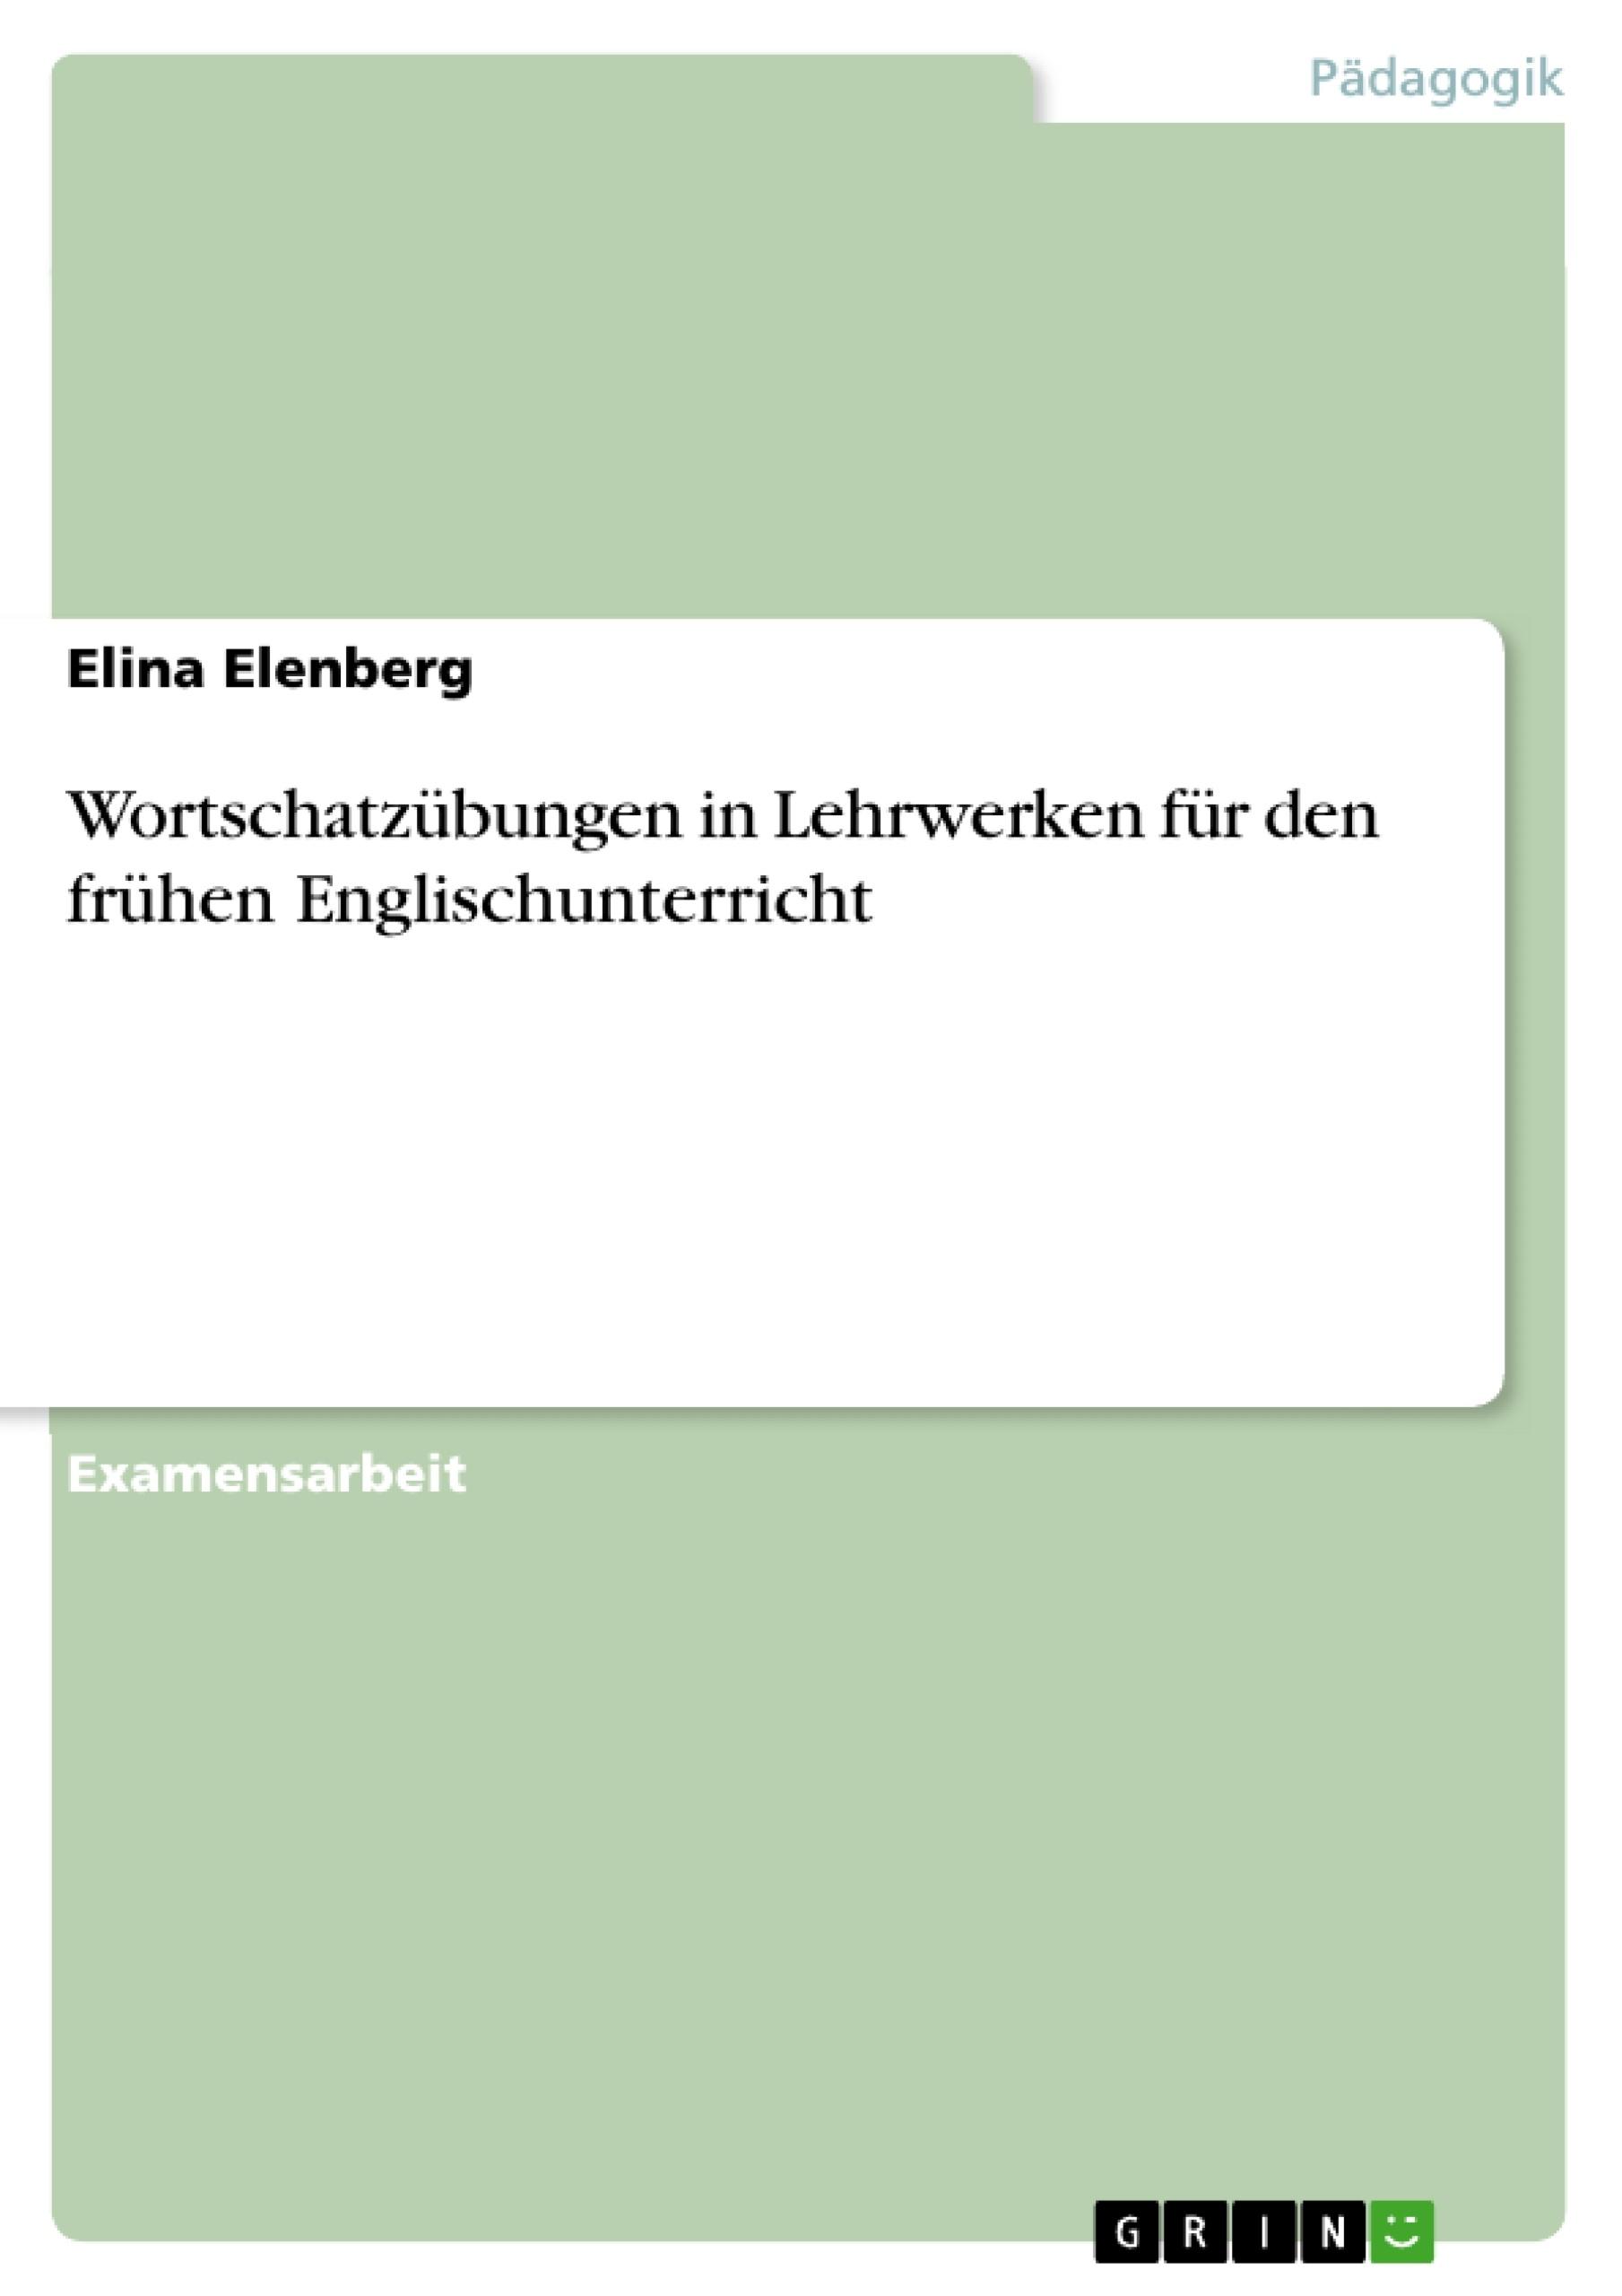 Titel: Wortschatzübungen in Lehrwerken für den frühen Englischunterricht